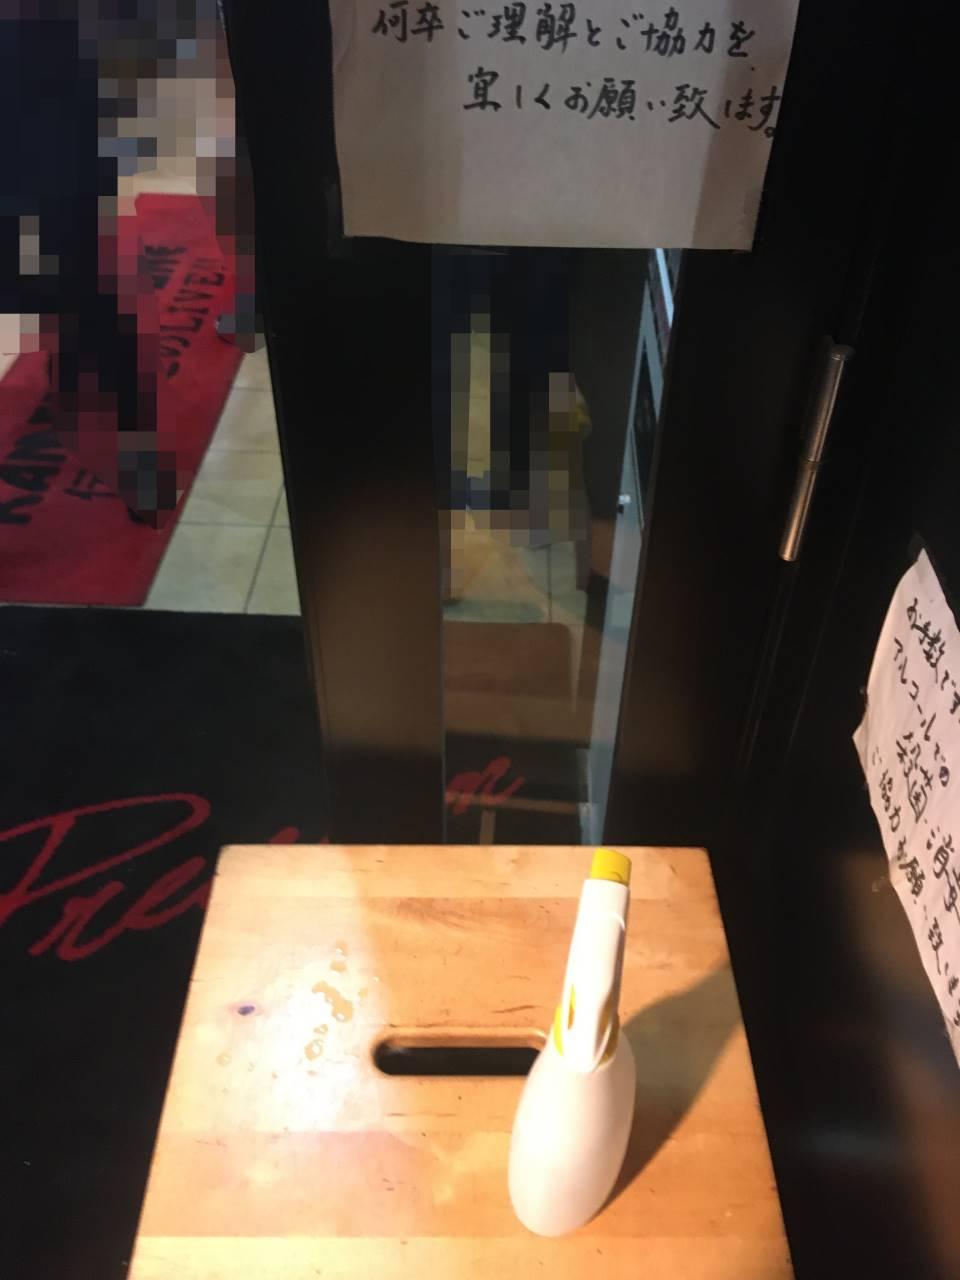 入口に据え置きのアルコールスプレー